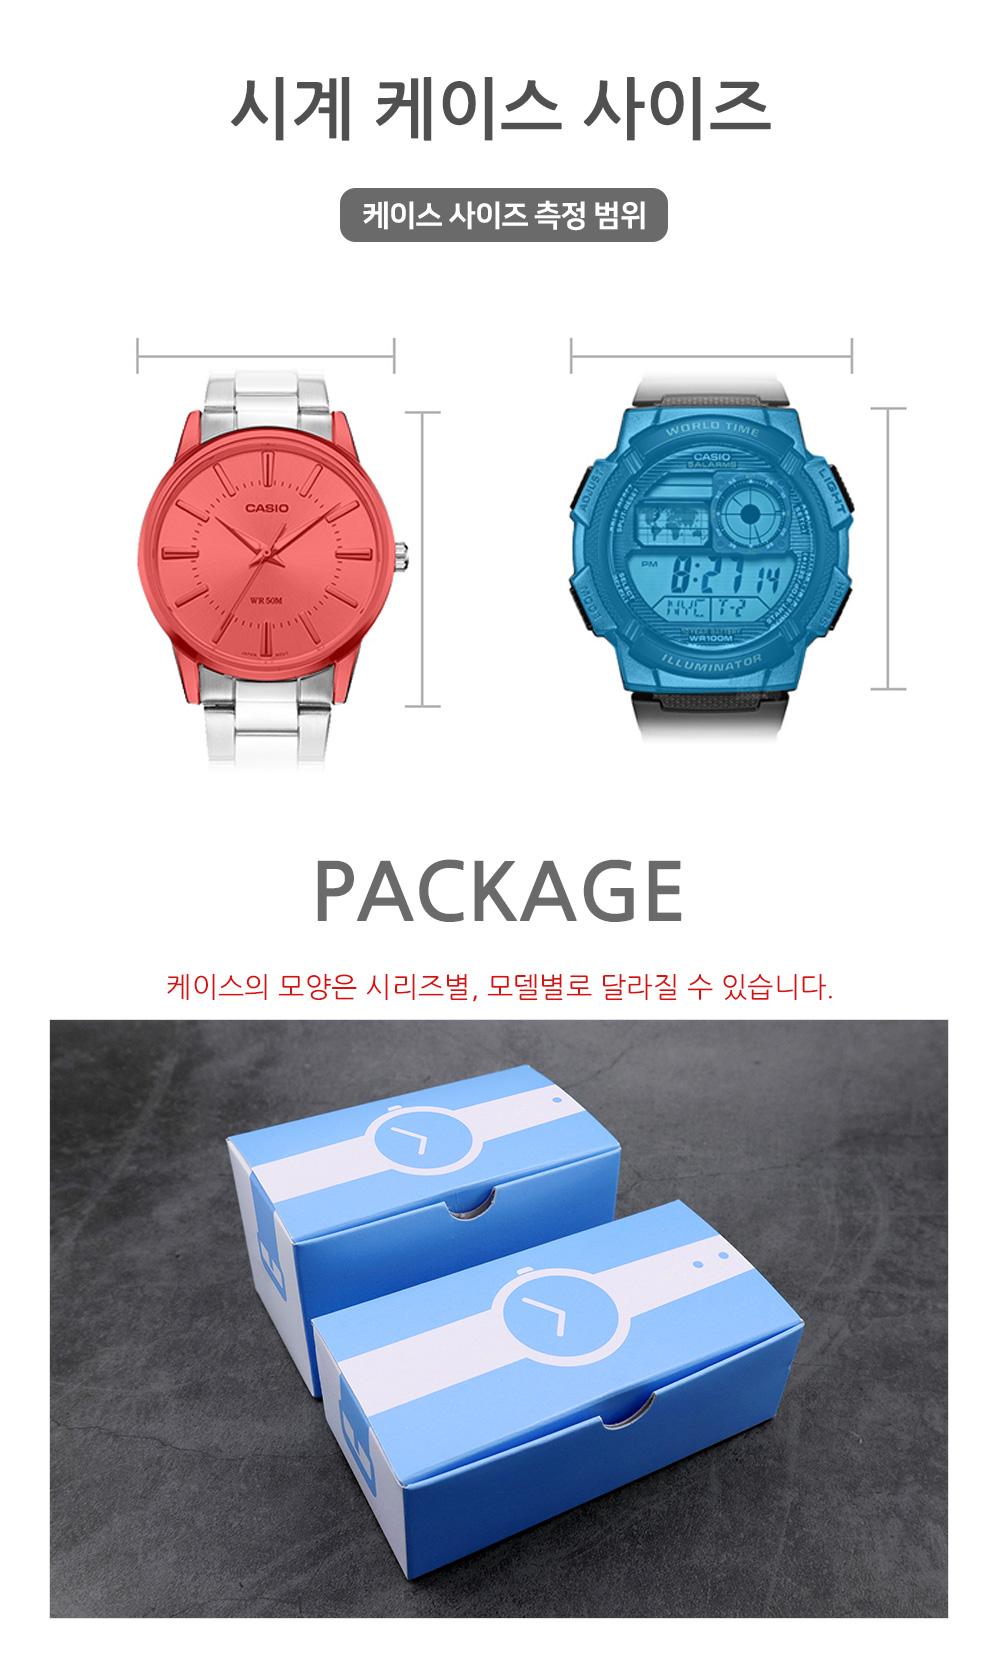 카시오(CASIO) DB-36-9A 공용 스포츠 디지털 전자 시계